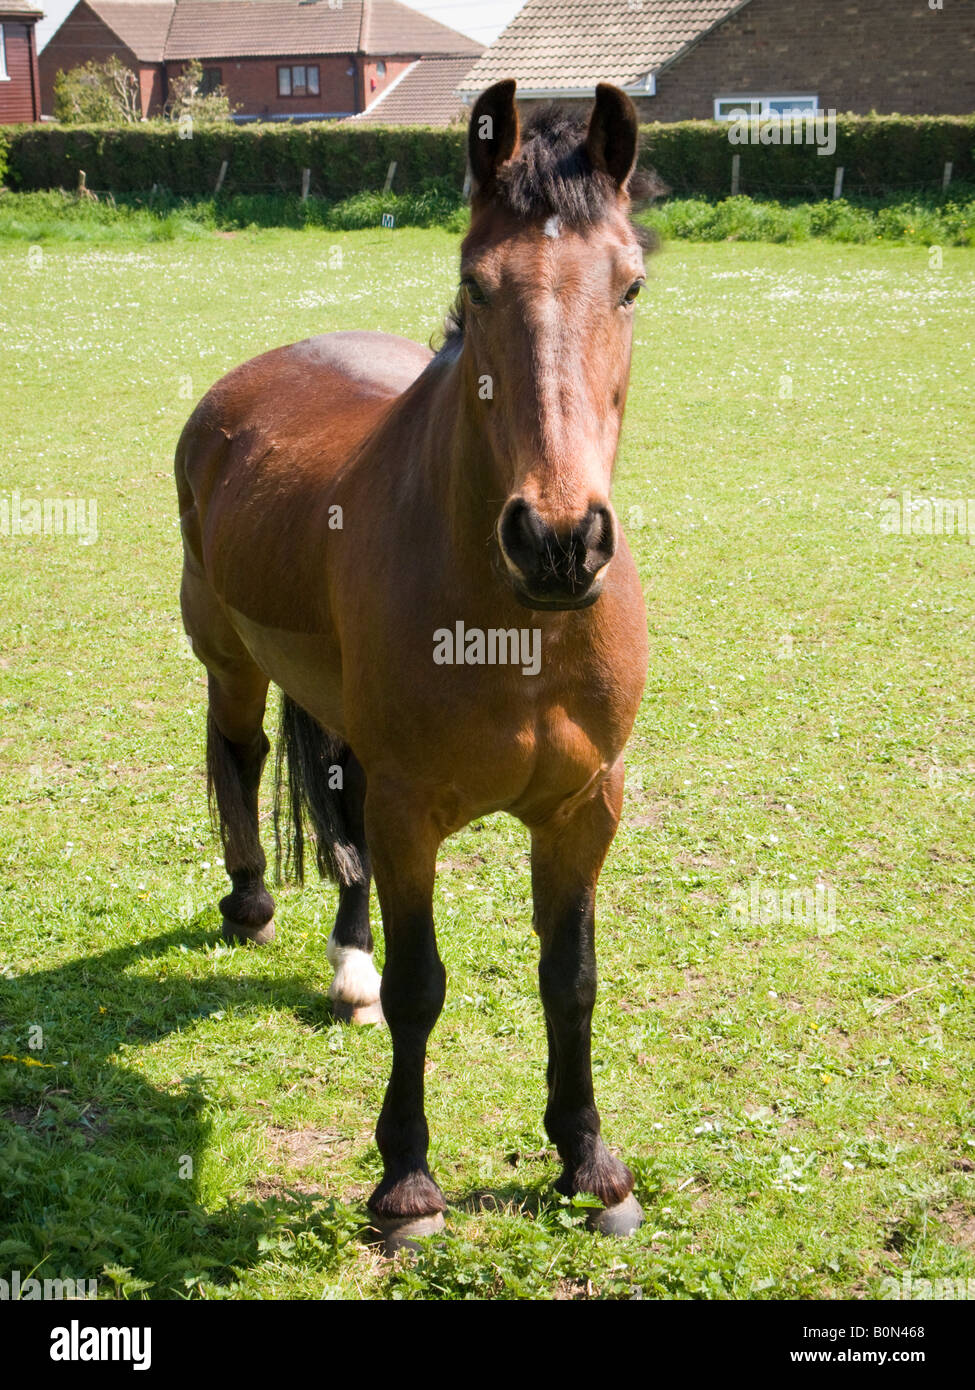 Marrone castagna cavallo in un campo urbano guardando la fotocamera Immagini Stock